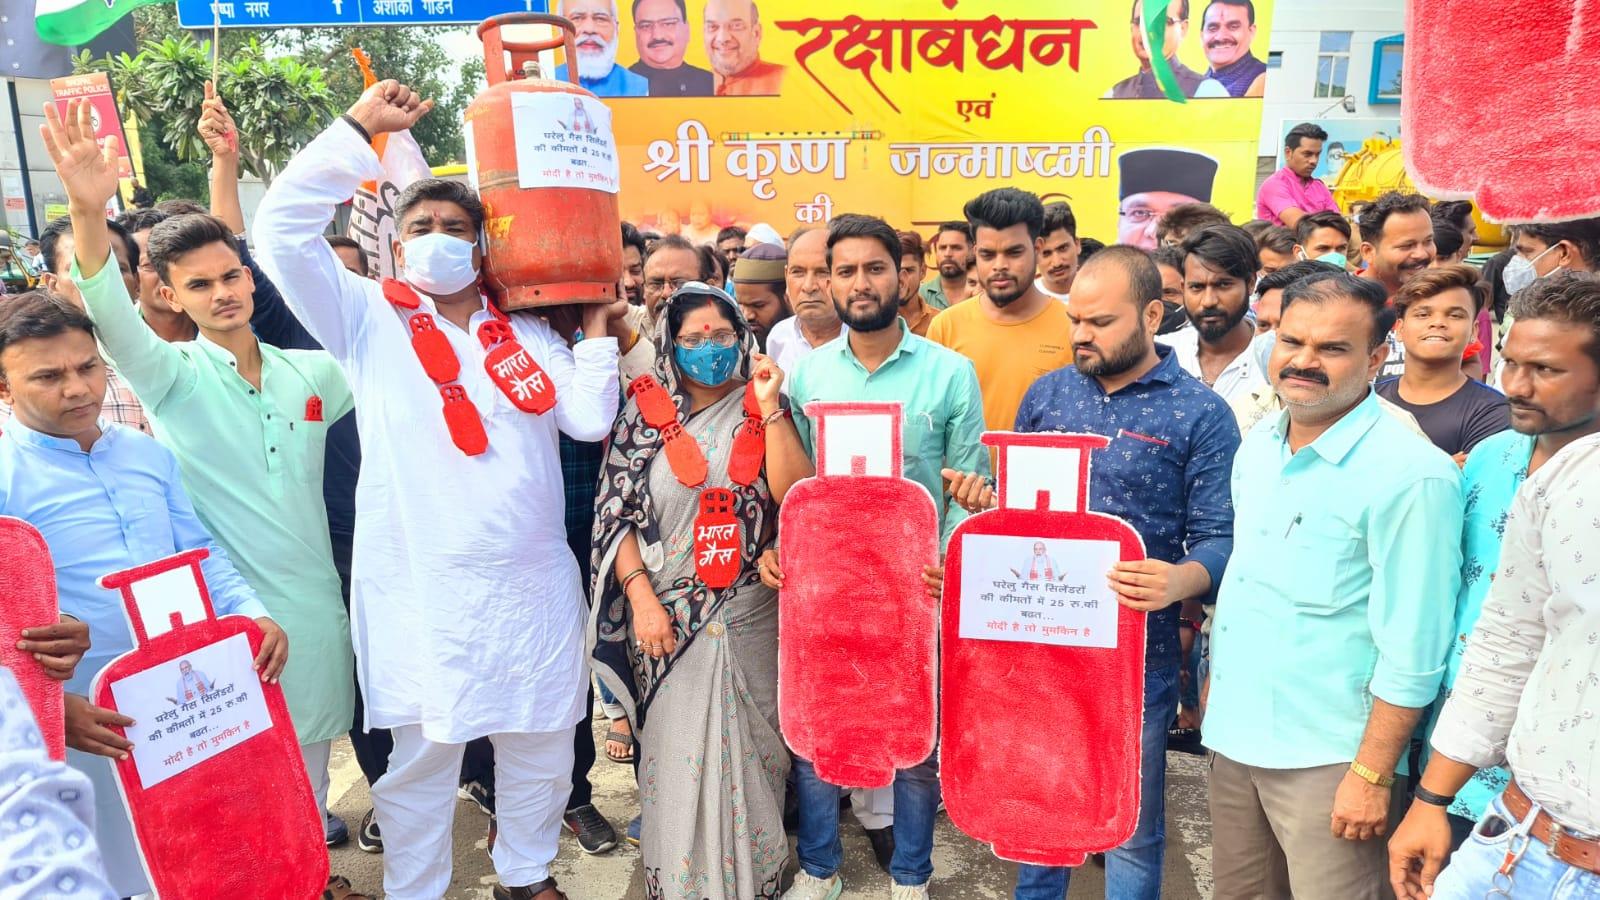 अघोषित बिजली कटौती के विरोध में गोविंदपुरा बिजली कार्यालय का घेरावकरेंगे कांग्रेस कार्यकर्ता|भोपाल,Bhopal - Dainik Bhaskar